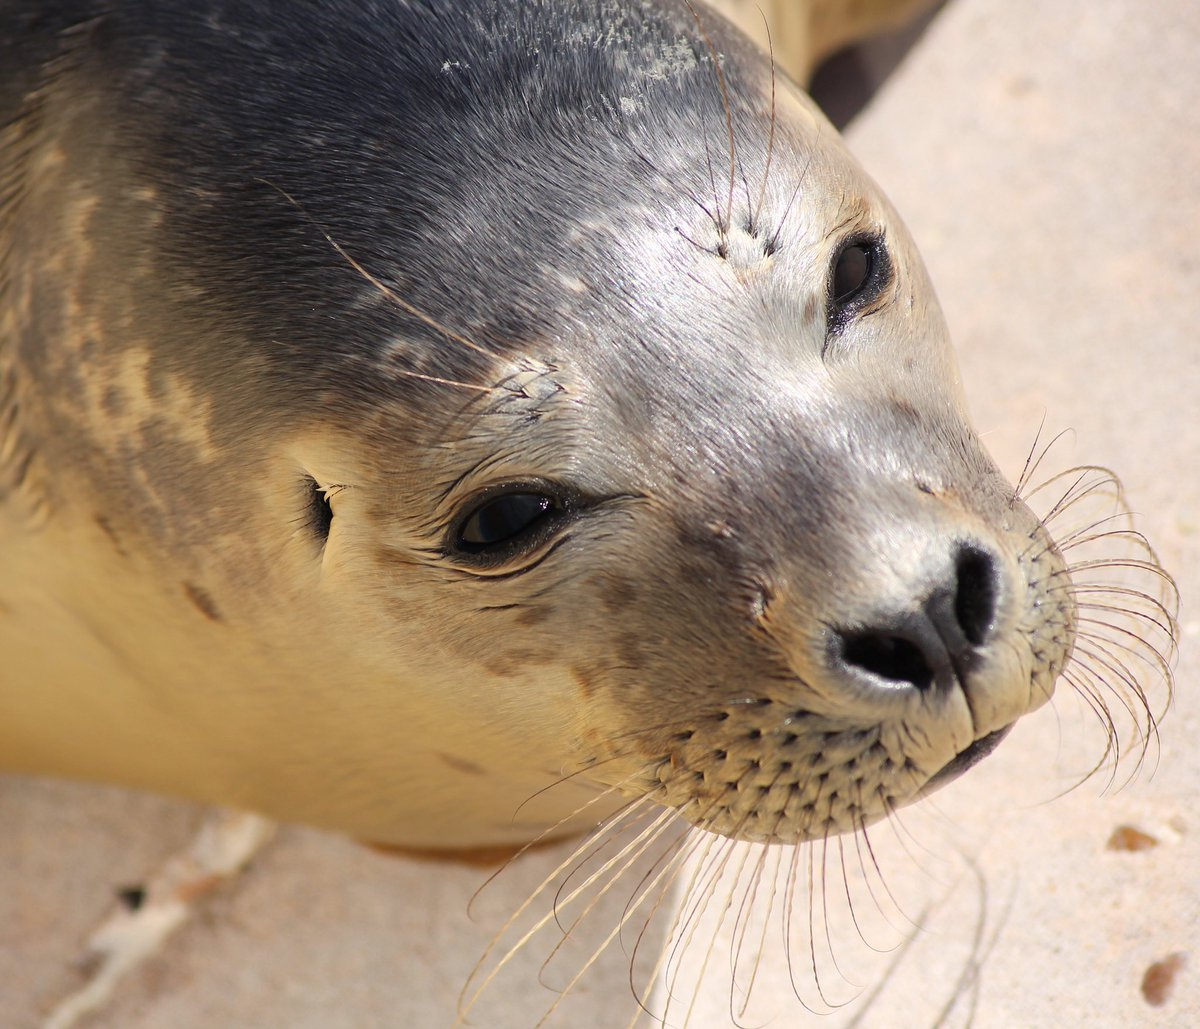 #photography #nature #sealsanctuary #skegness #lincolnshire Natureland Seal Sanctuary @LincsHour @explincolnshire https://t.co/IRCcl7Ku9P